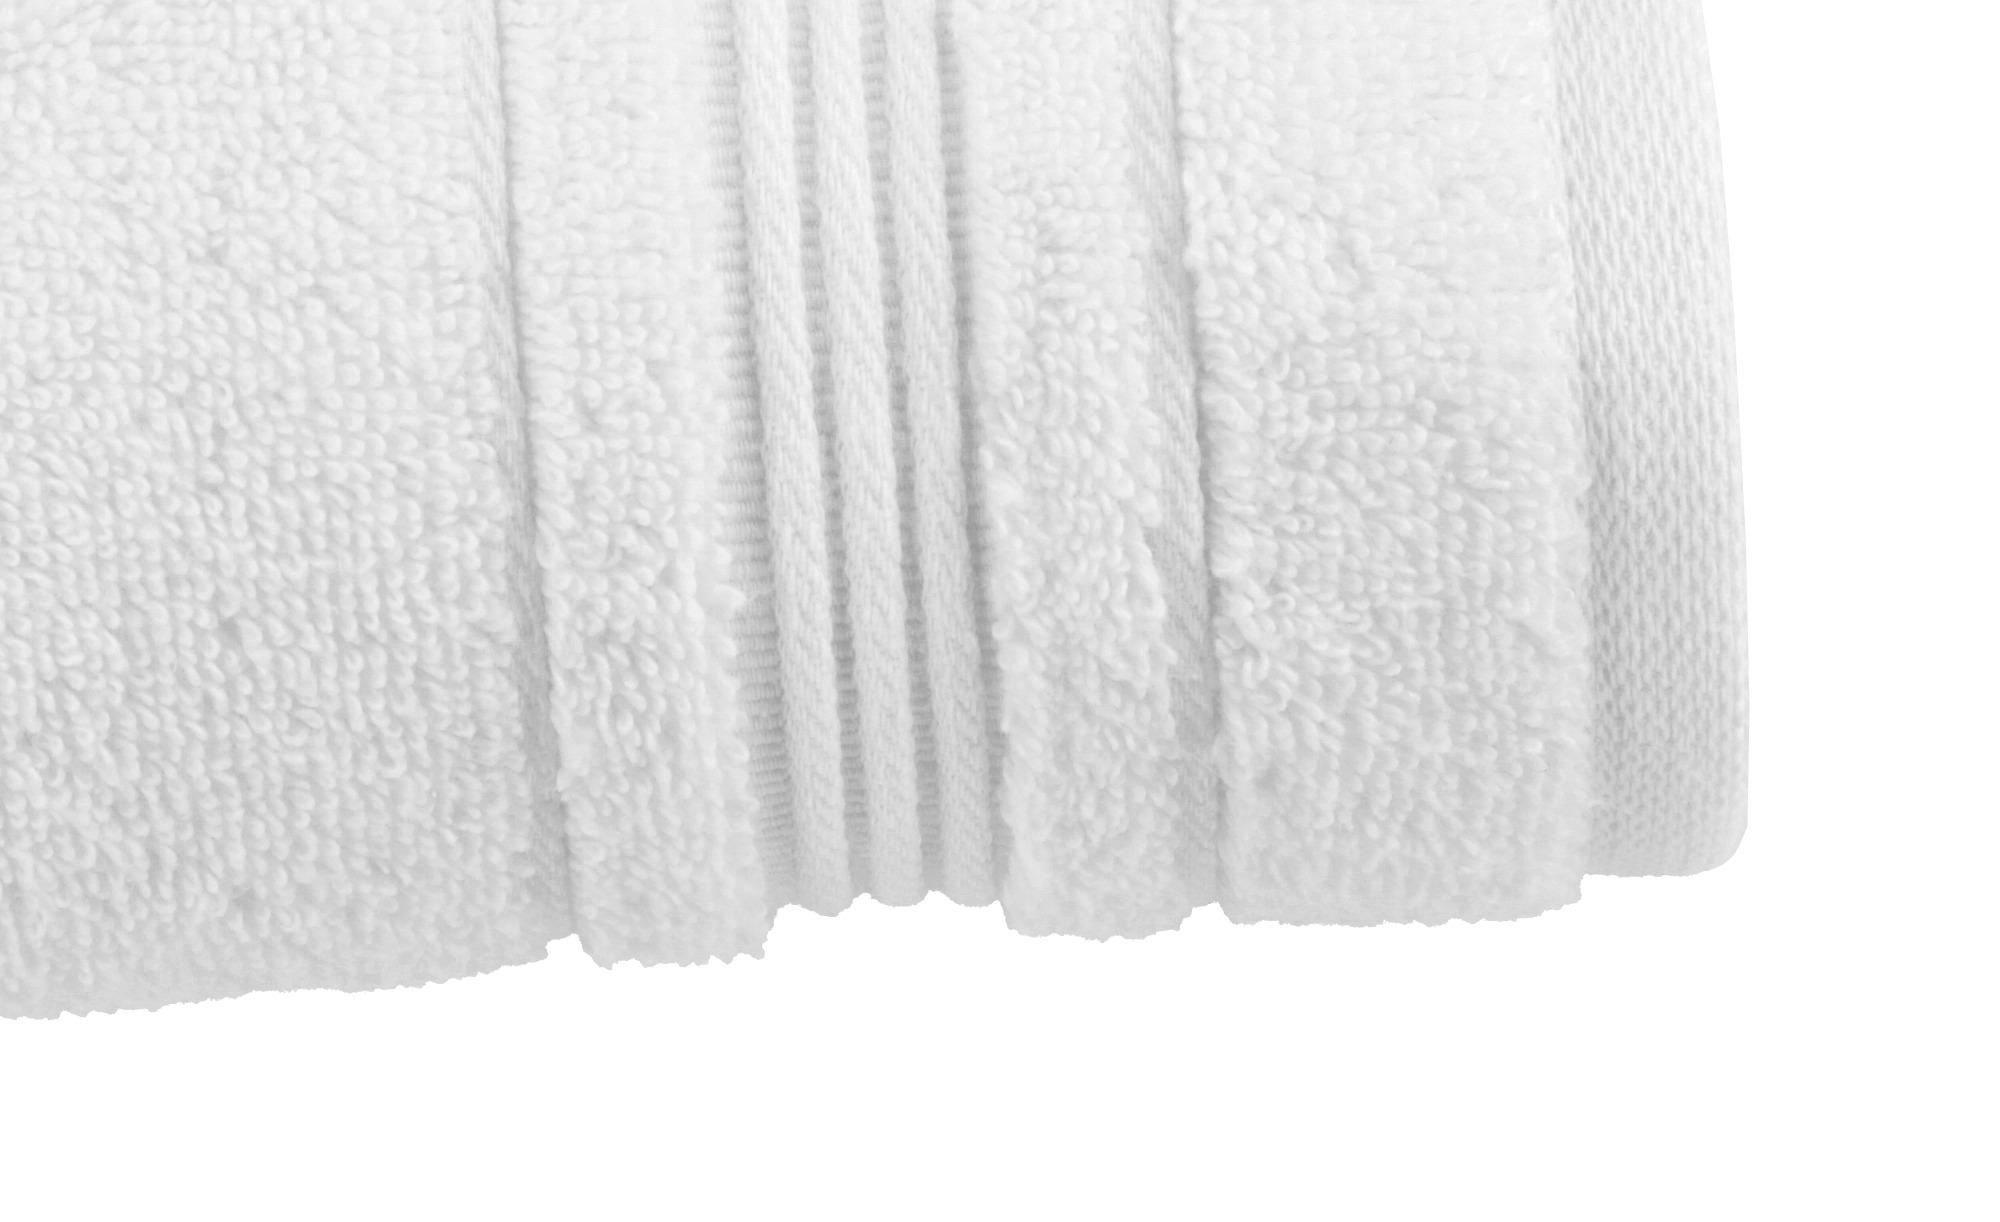 VOSSEN Badetuch  Soft Dreams ¦ weiß ¦ 100% Baumwolle ¦ Maße (cm): B: 100 Badtextilien und Zubehör > Handtücher & Badetücher > Badetücher & Saunatücher - Höffner